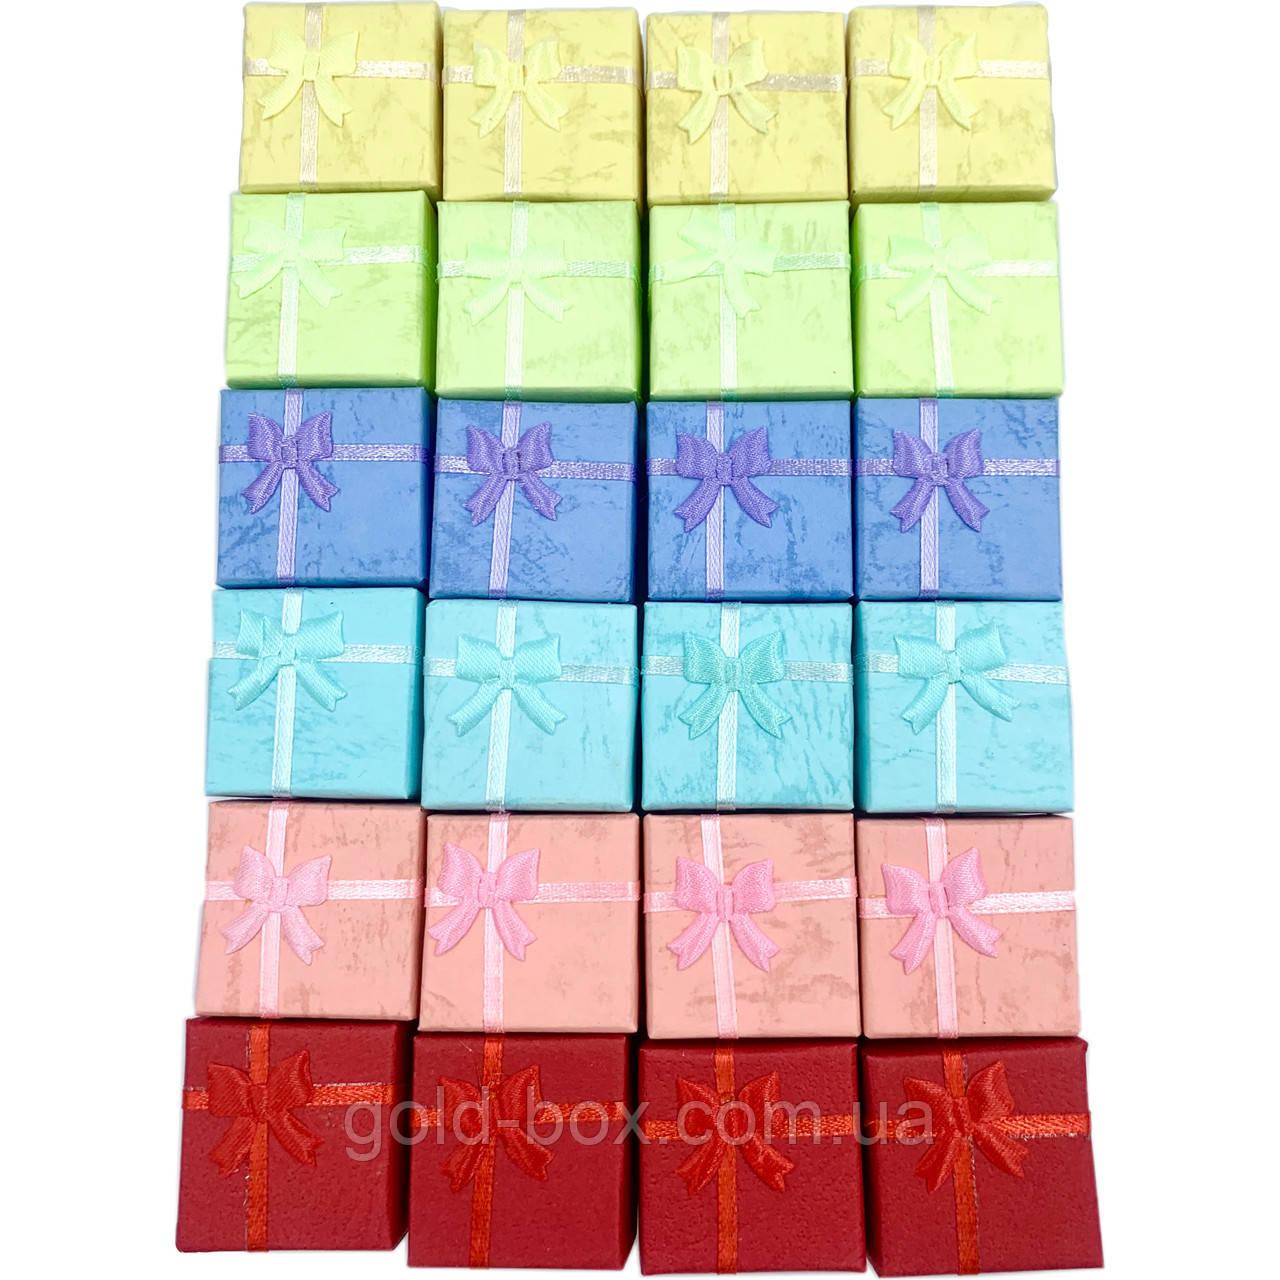 Подарочные коробочки 24шт «sucré» под кольца